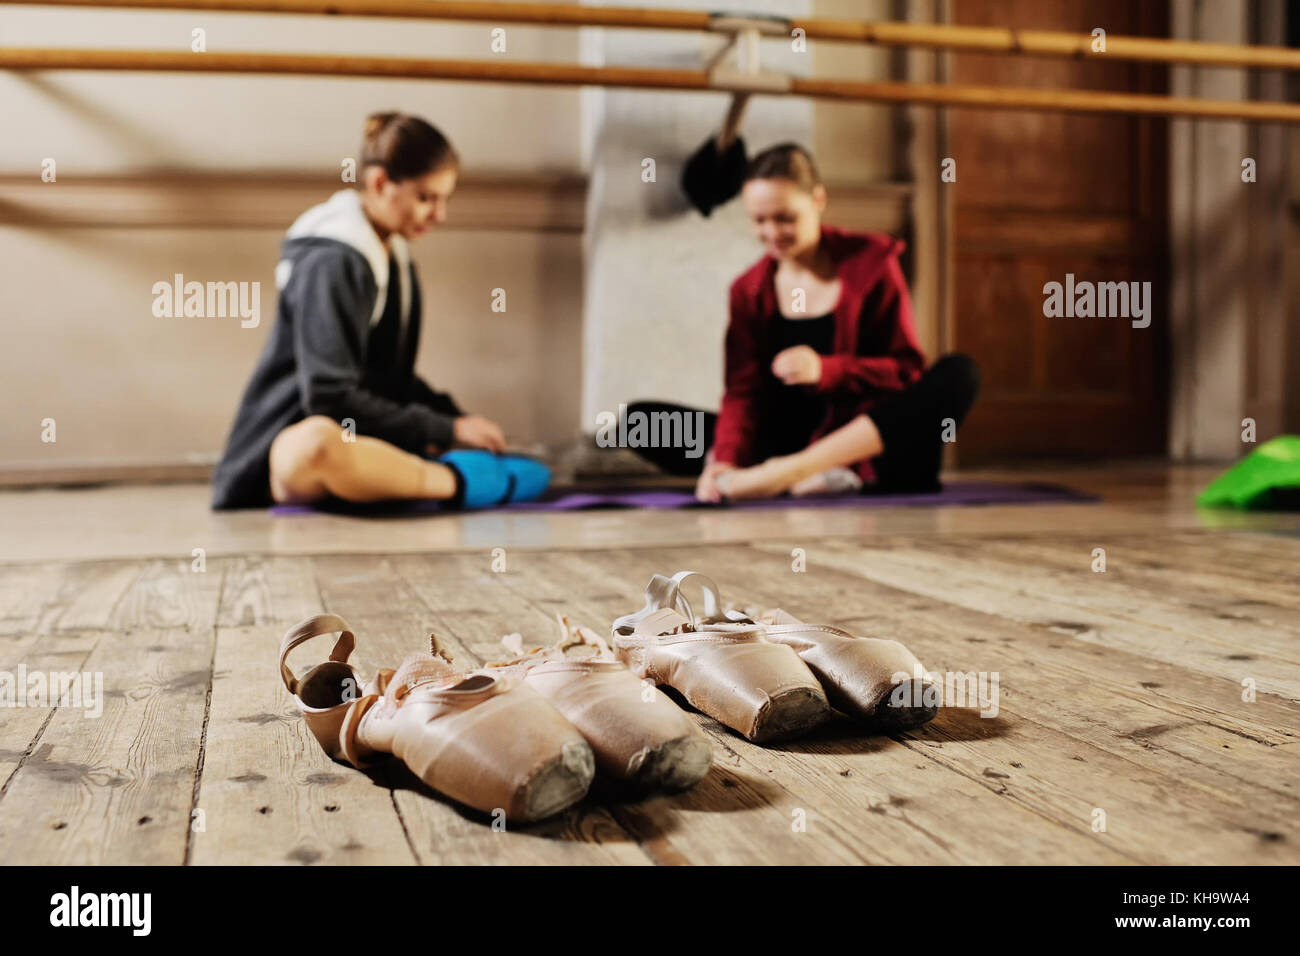 Ballerine en répétition ou de formation Photo Stock